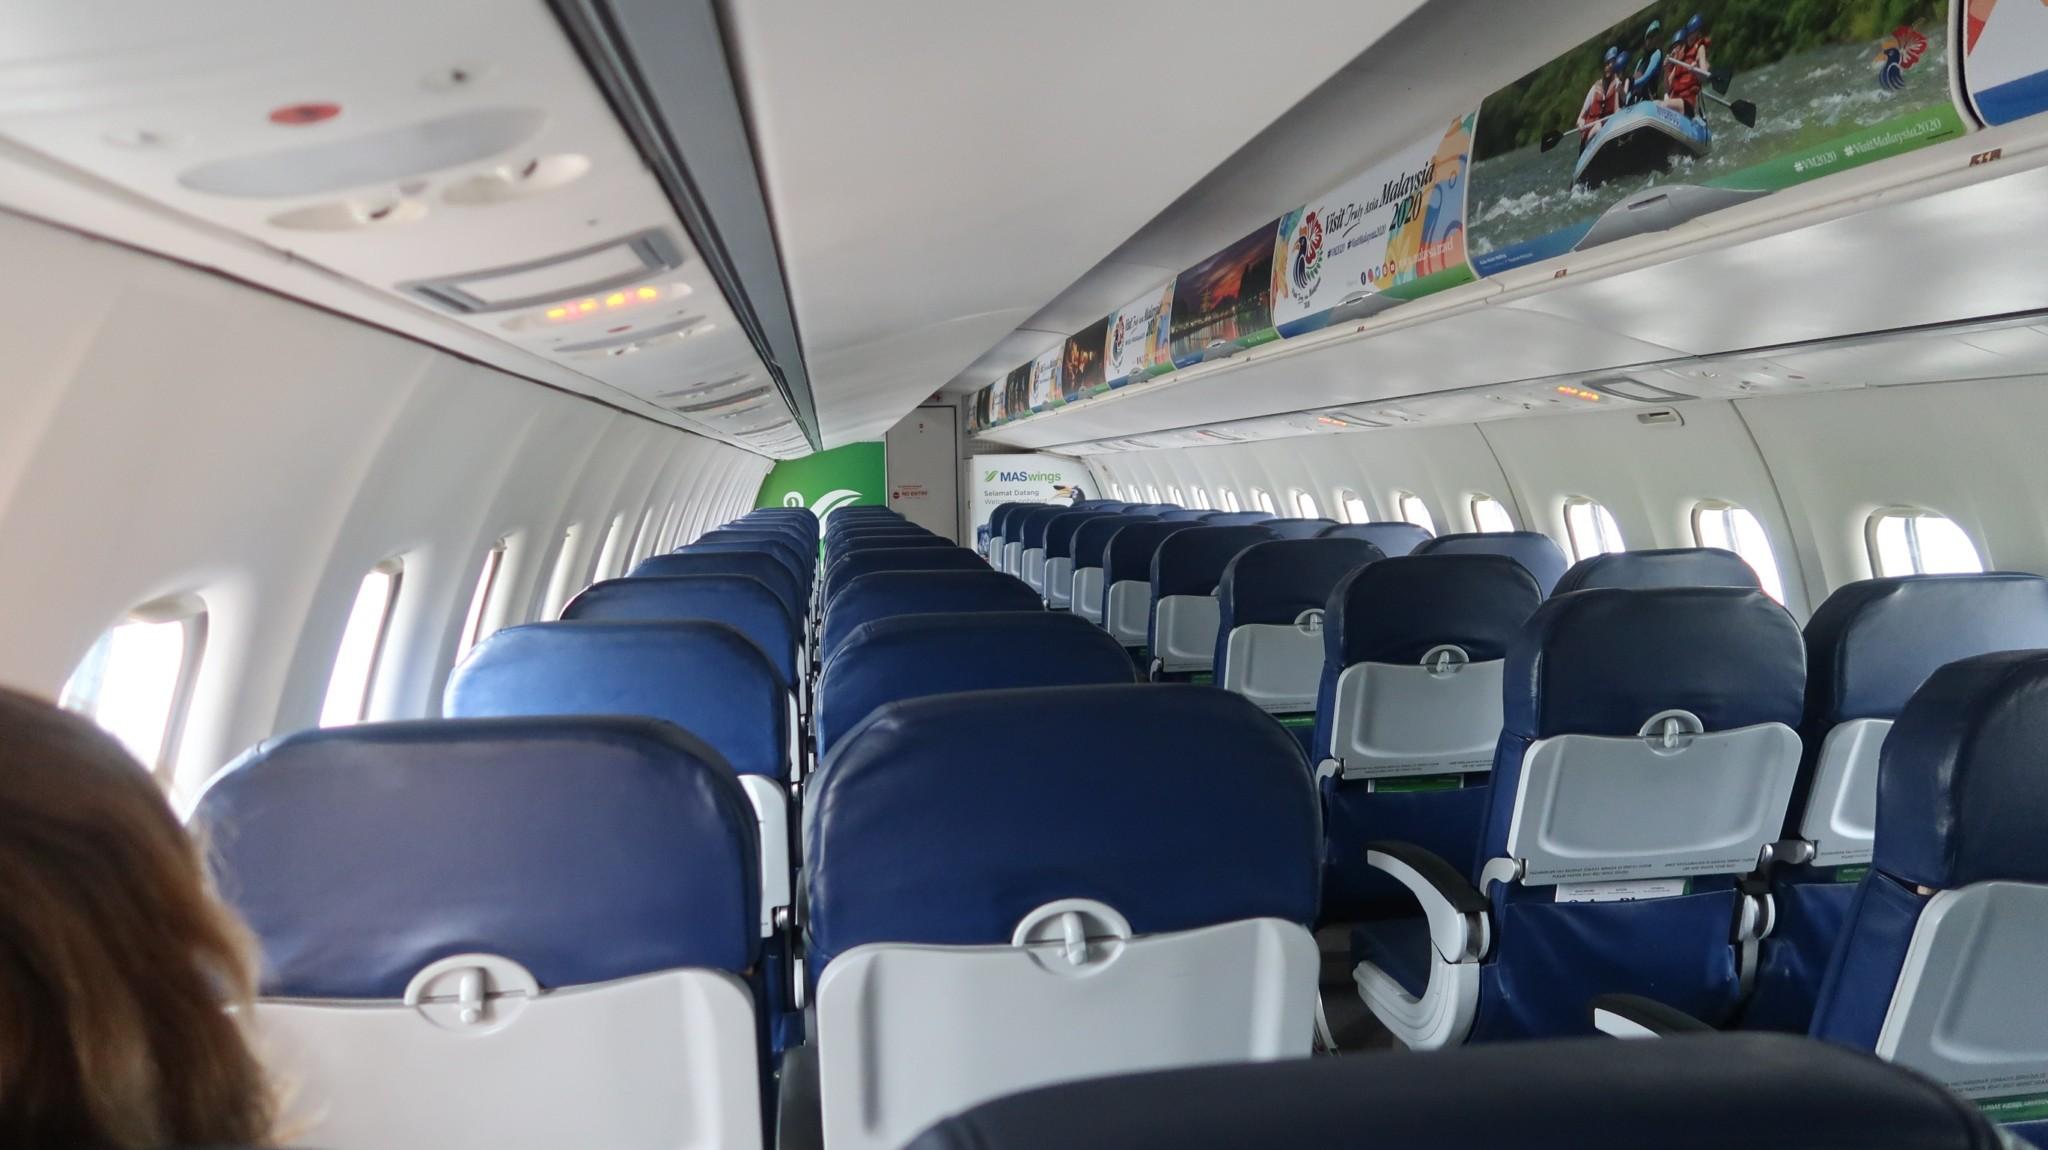 Freie Platzwahl im Flugzeit nach Kuching